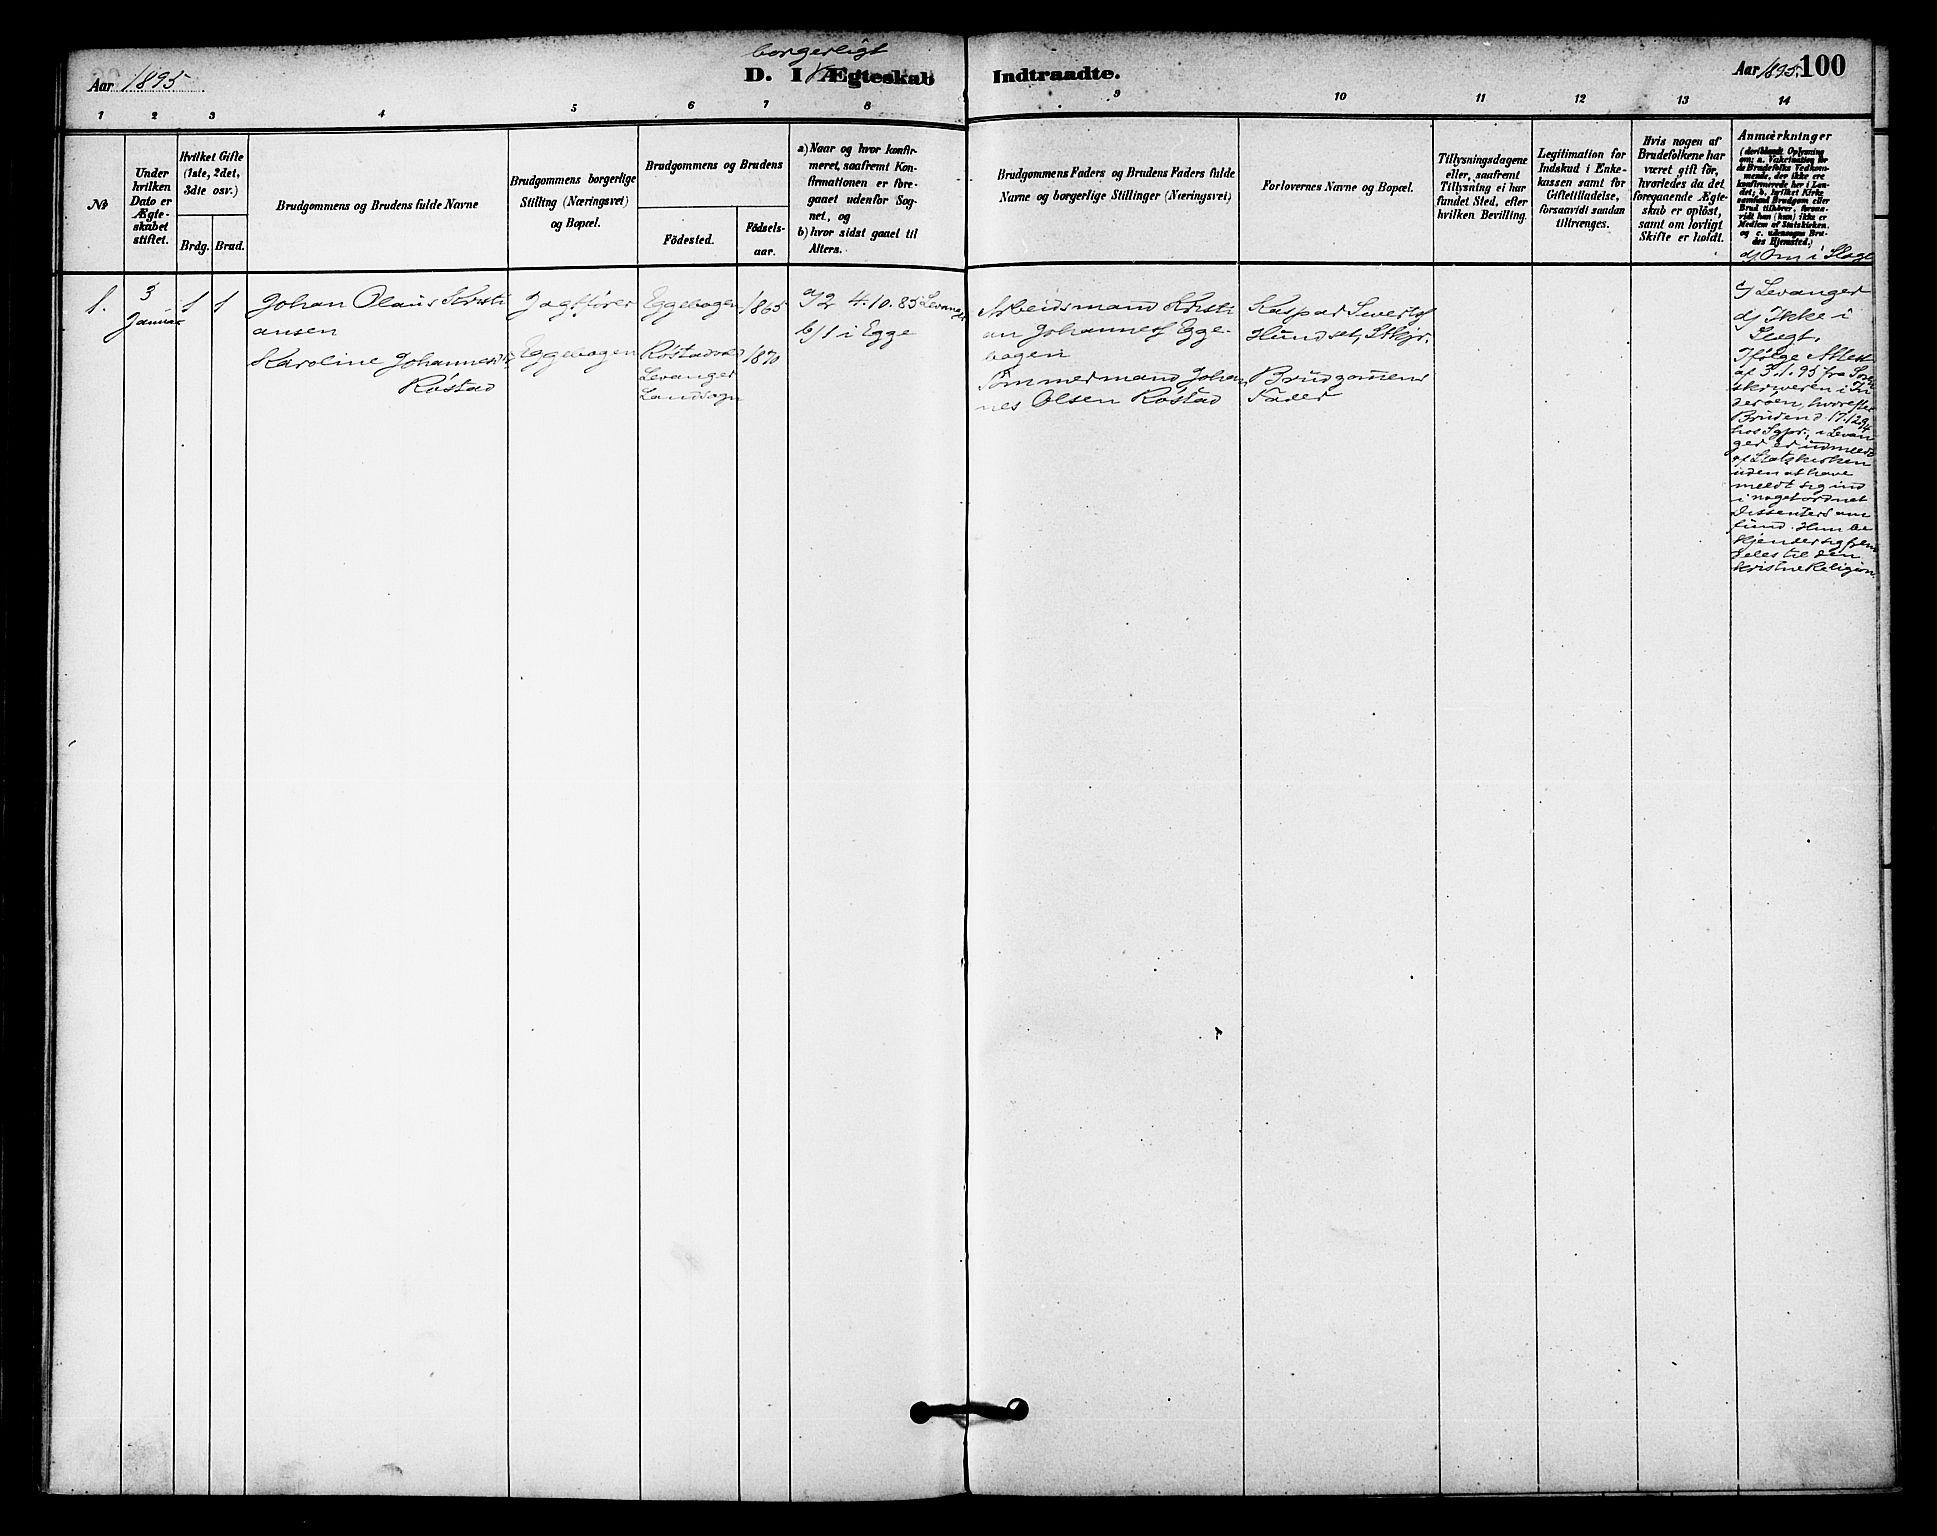 SAT, Ministerialprotokoller, klokkerbøker og fødselsregistre - Nord-Trøndelag, 740/L0378: Ministerialbok nr. 740A01, 1881-1895, s. 100